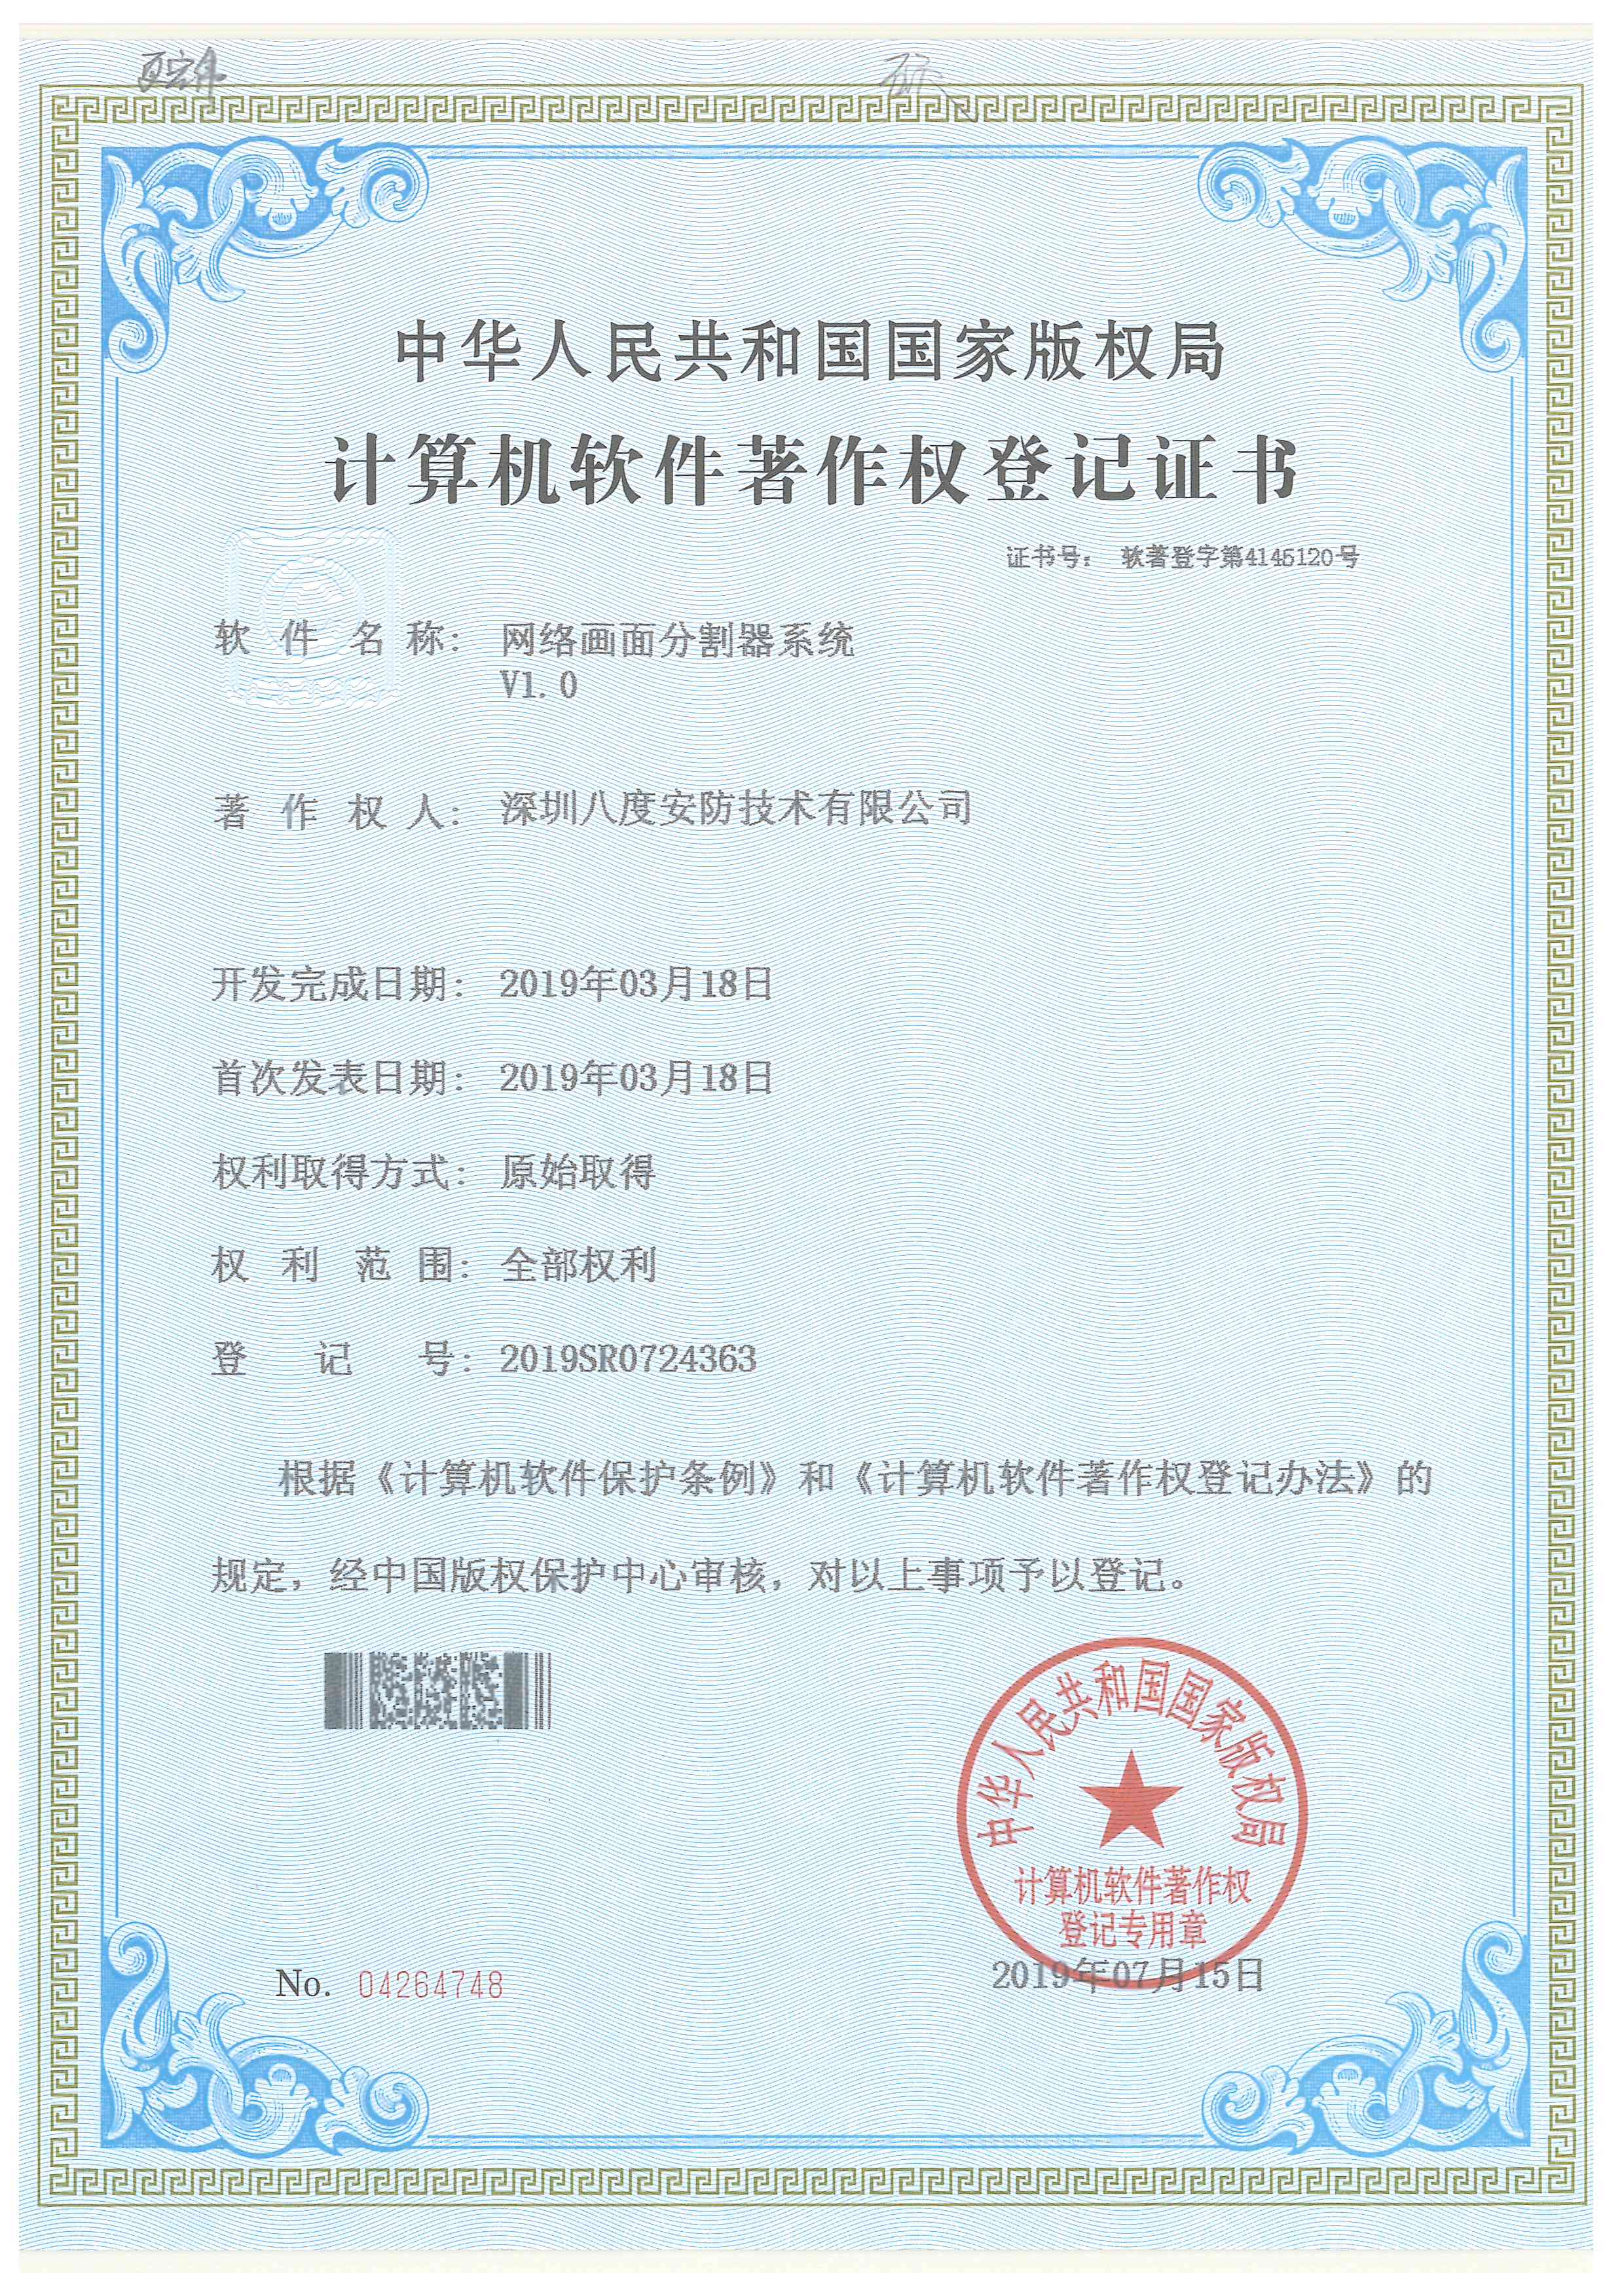 八安网络画面分割器系统软件著作权证书